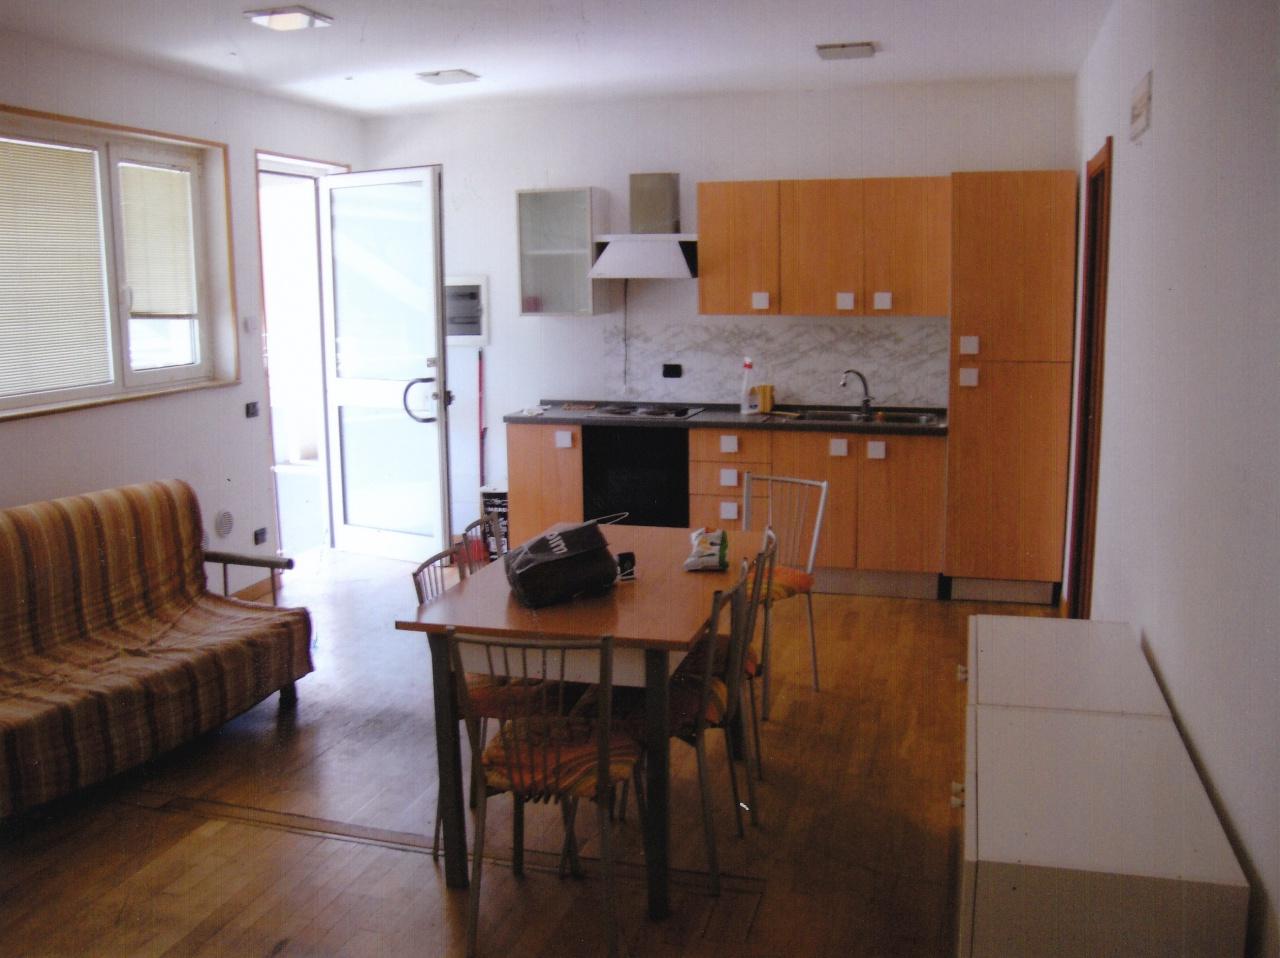 Appartamento RAVENNA STFS